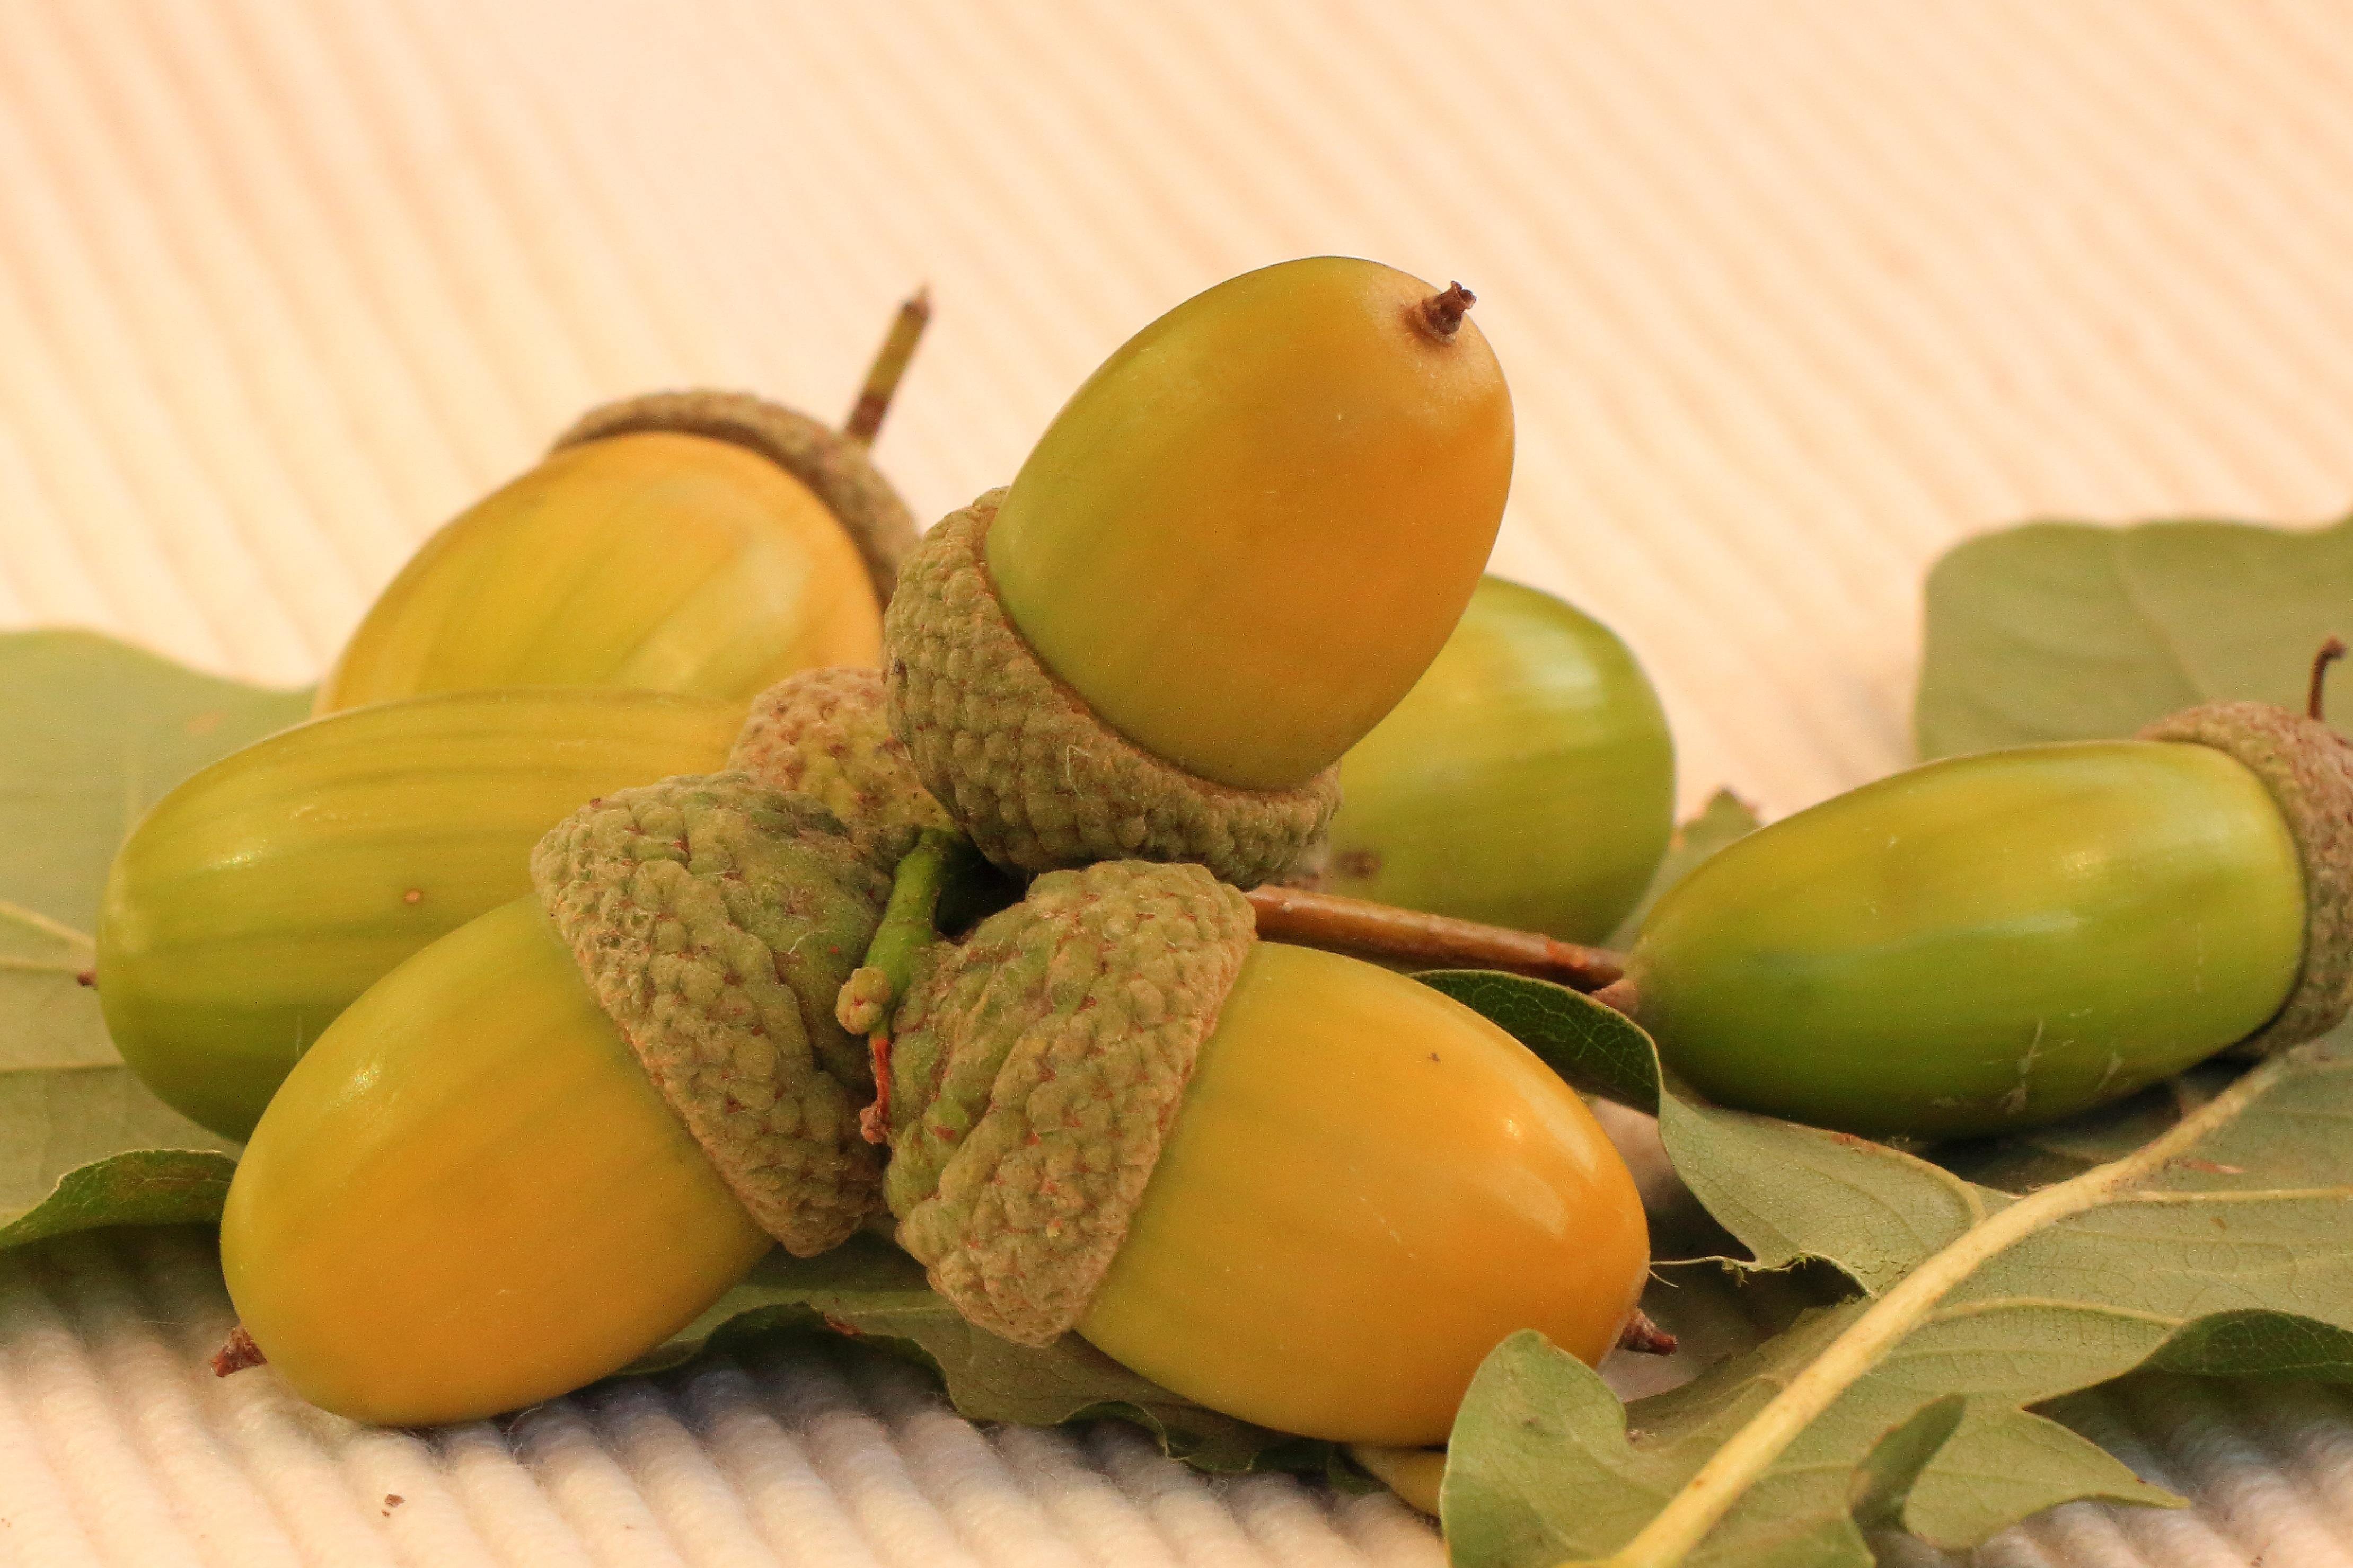 cây thiên nhiên thực vật trái cây món ăn Sản xuất Mùa thu trái cây Trái